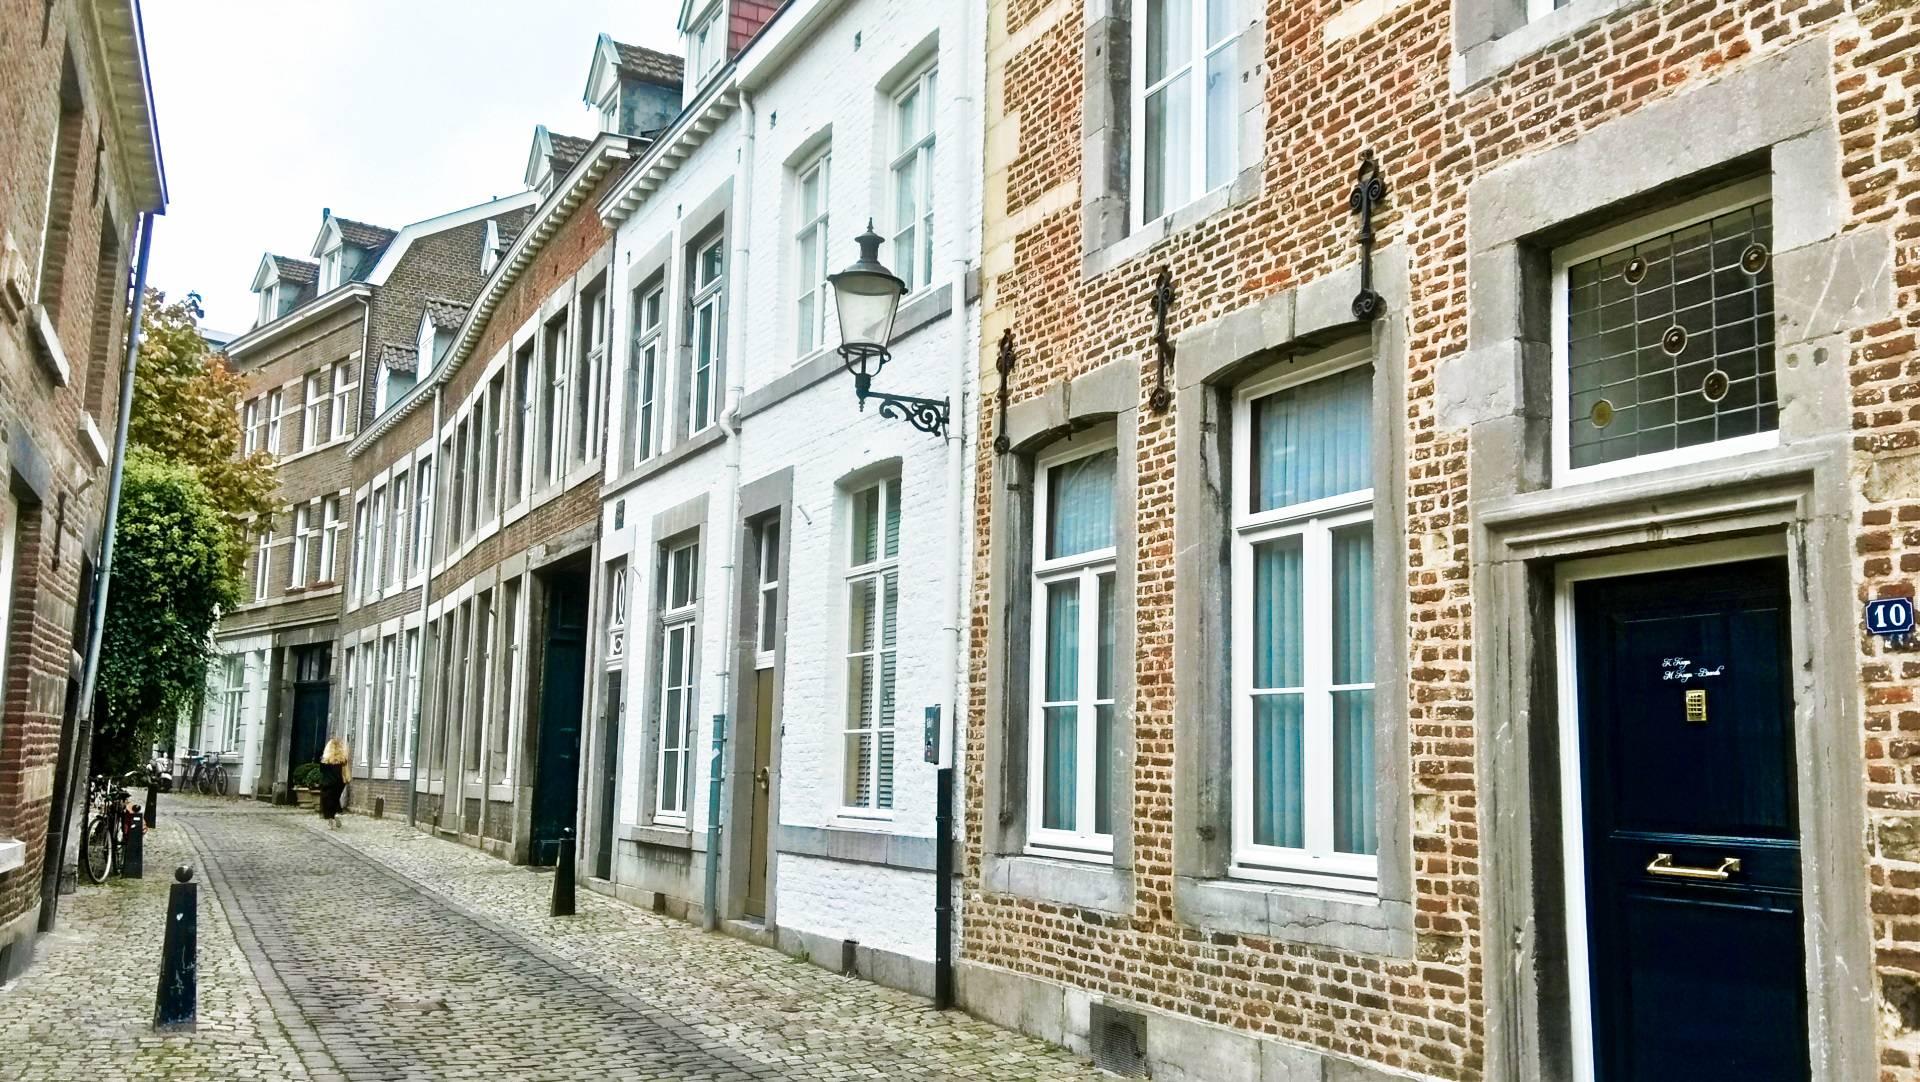 Jeśli dziś piątek, to jestem w Maastricht | zwiedzanie, jedzenie, ceny